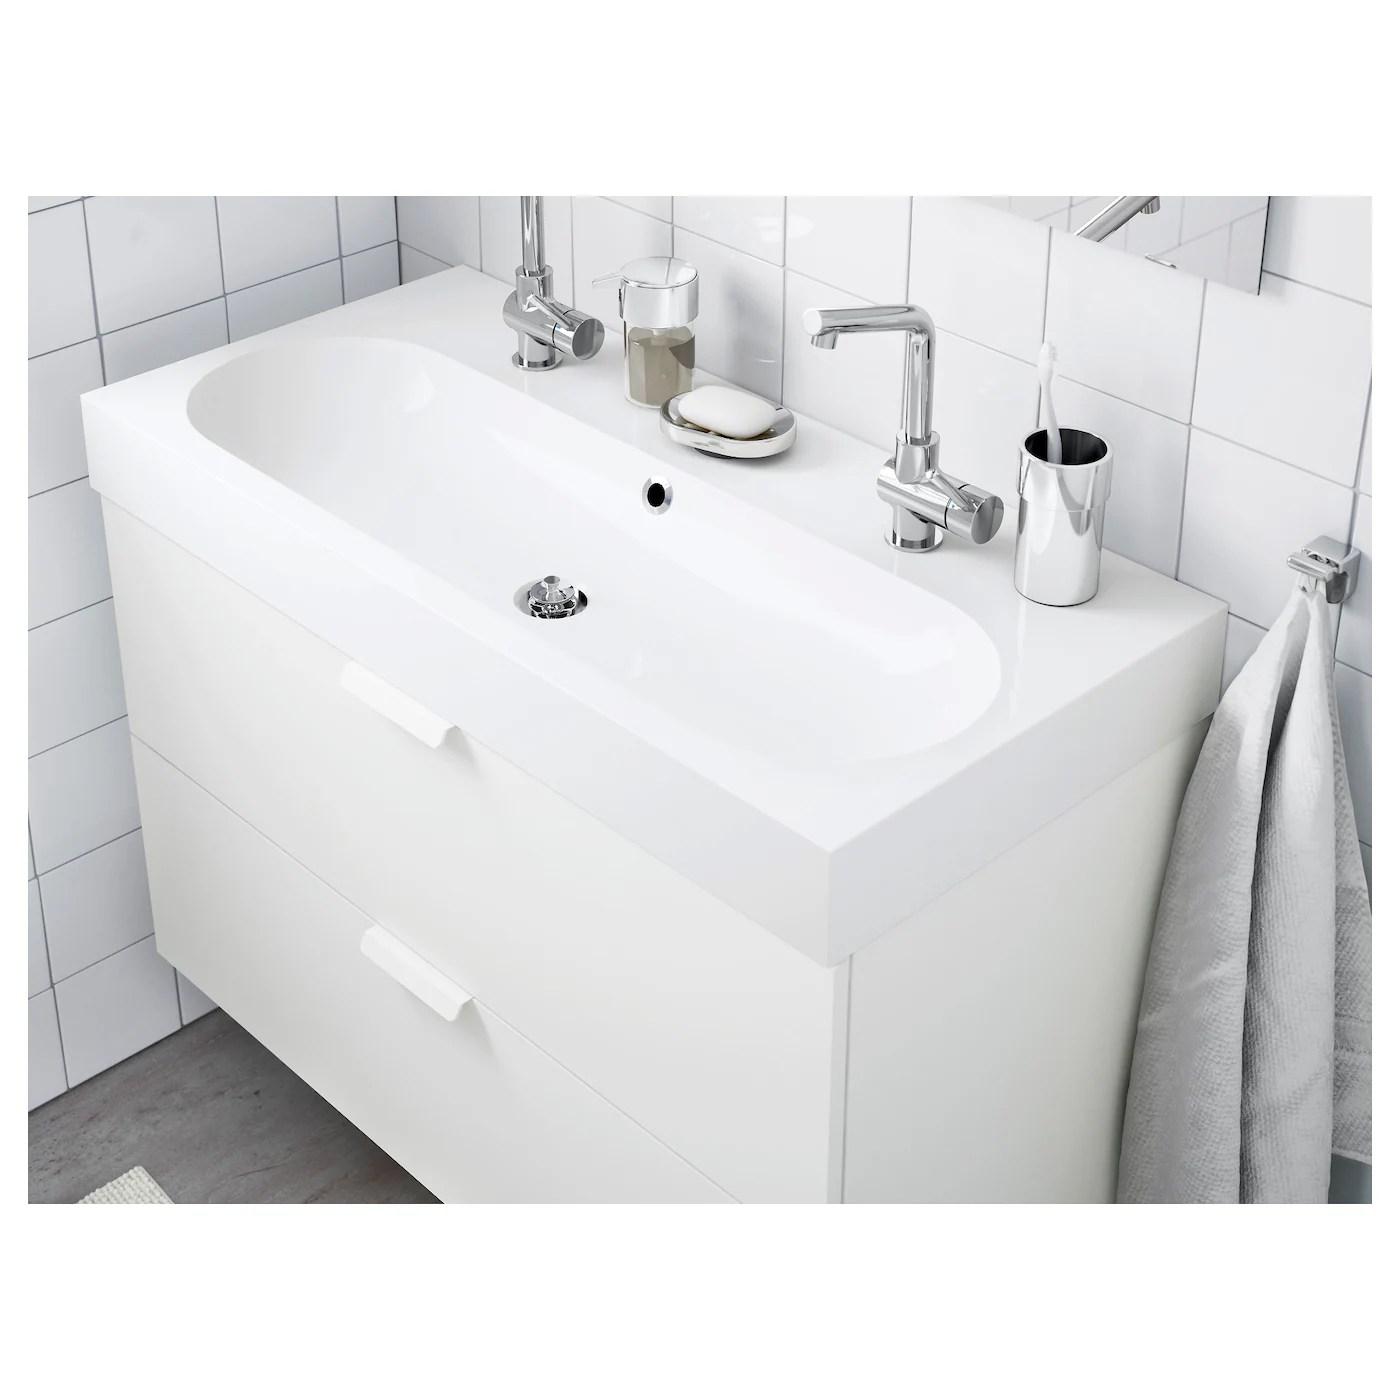 BRÅVIKEN Waschbecken/1   weiß   IKEA Schweiz